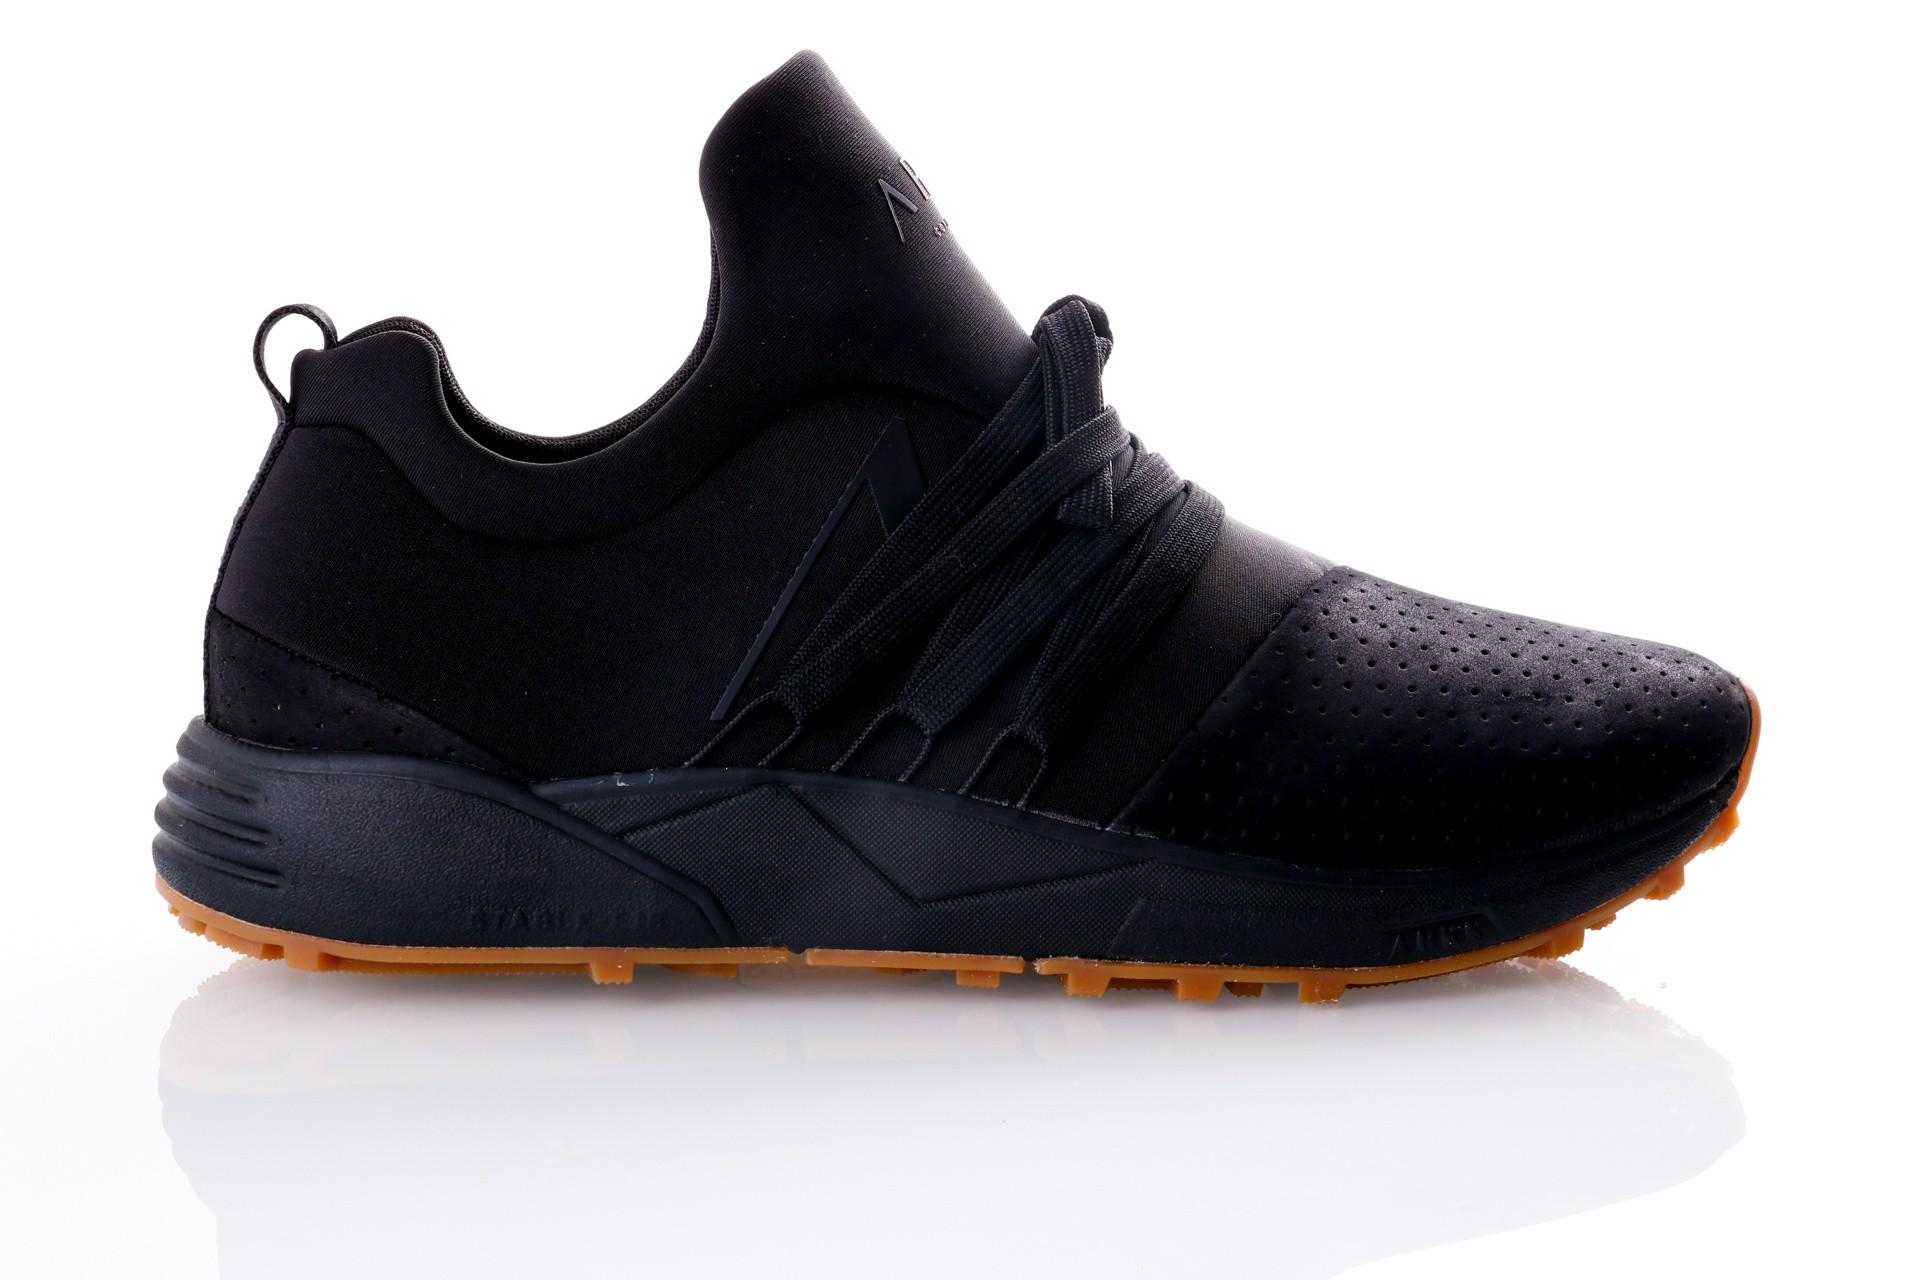 Foto van Arkk Raven Nubuck S-E15 Vibram® Black Gum-M ML1420-0099-M Sneakers Black